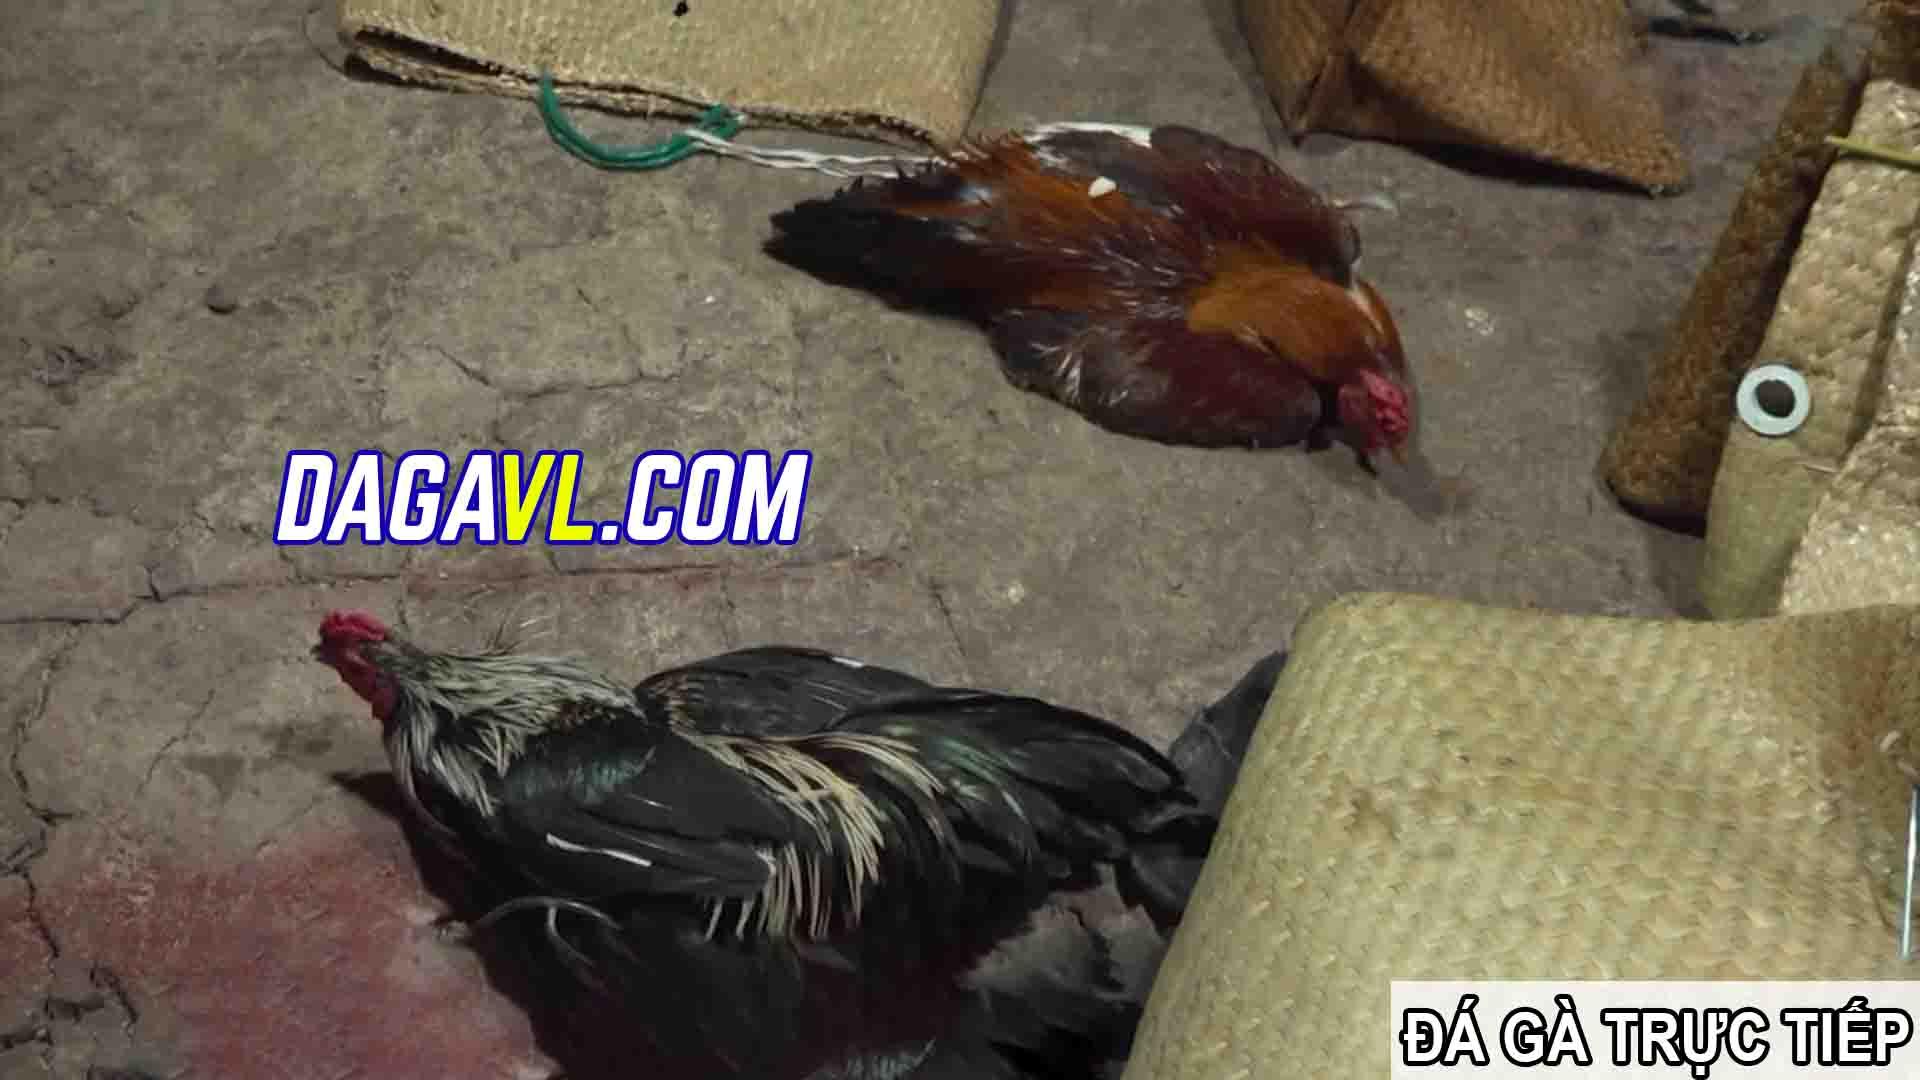 DAGAVL.COM - đá gà trực tiếp. Tang vật bắt 31 đối tượng đá gà ăn tiền tại Tân Lập